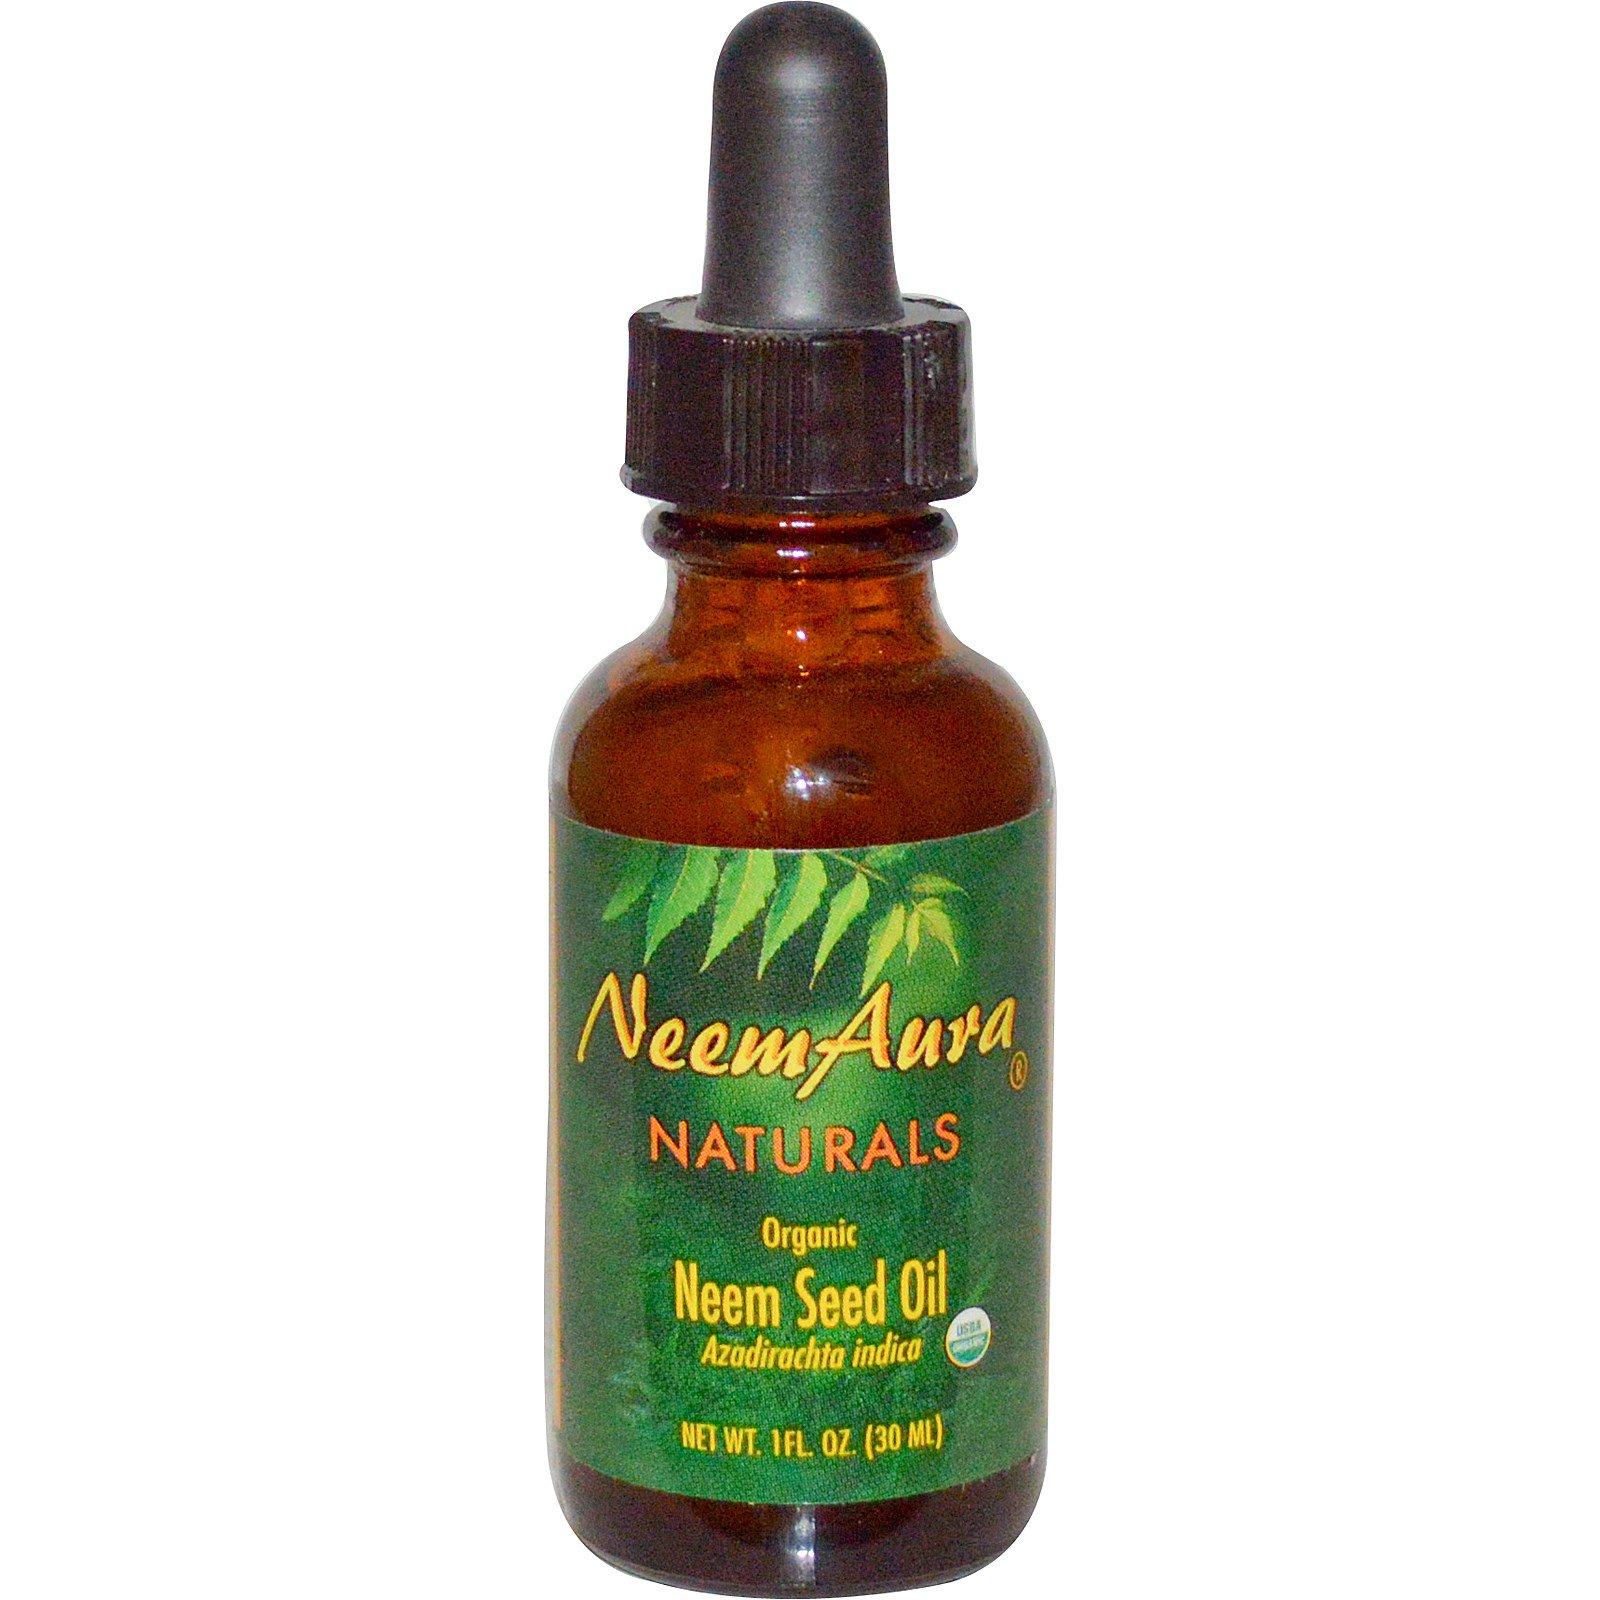 Neemaura Naturals Inc, Organic, Neem Seed Oil, 1 fl oz (30 ml) - iHerb.com